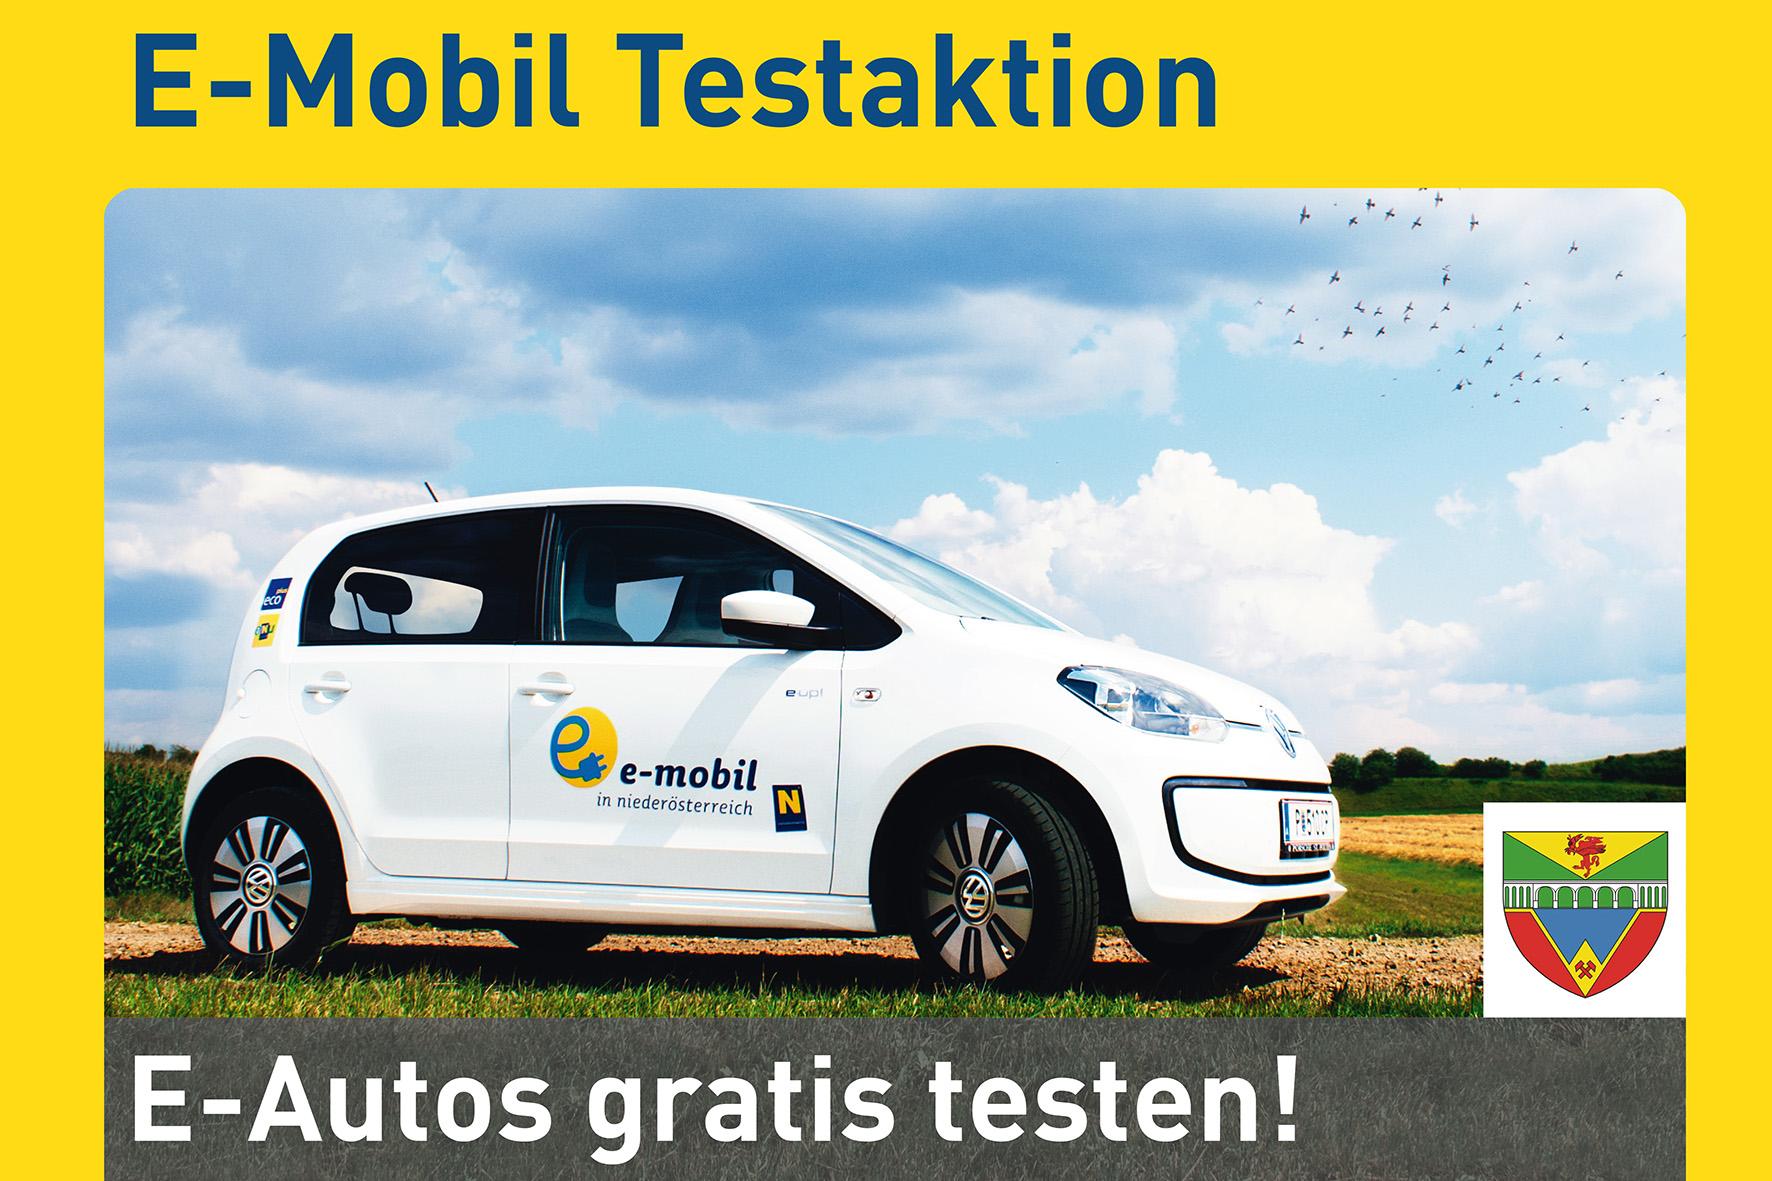 e-Mobil Testaktion, Payerbach